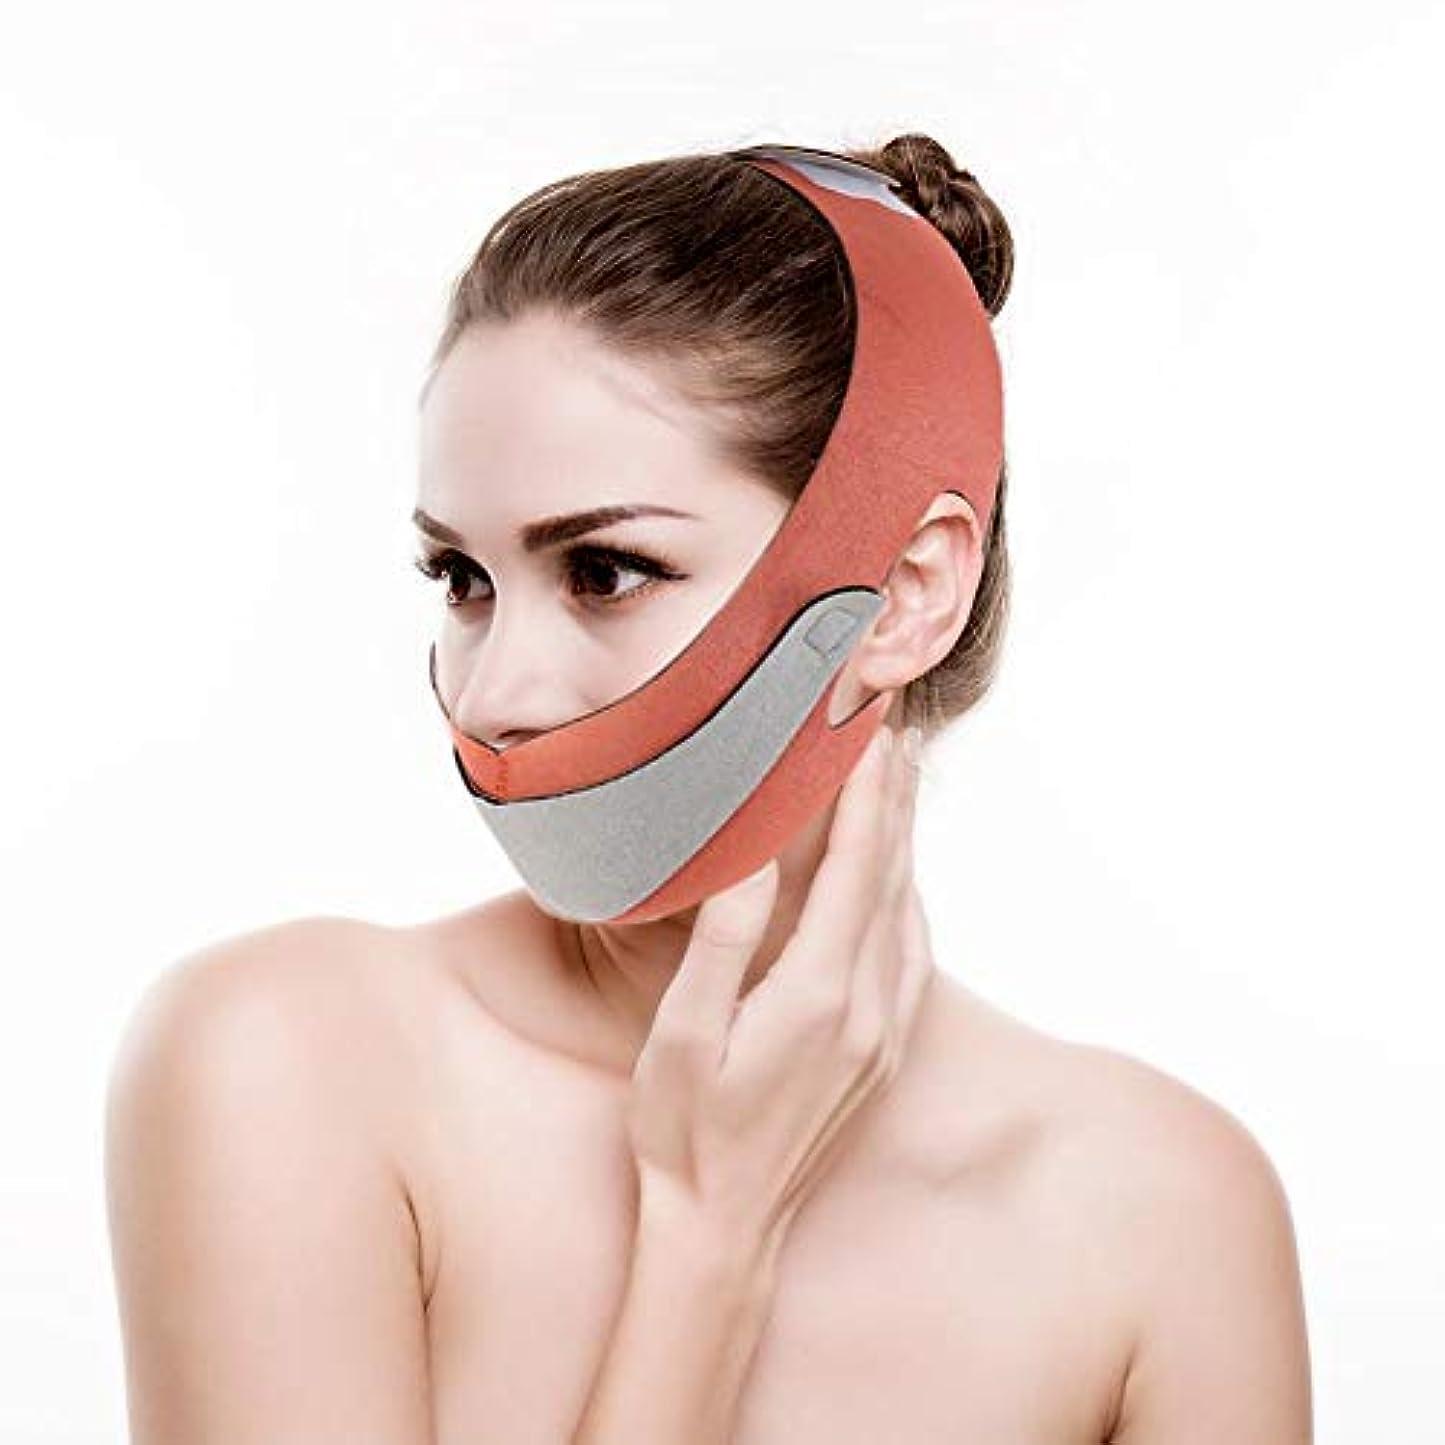 アレルギー全滅させる小売フェイシャルスリミングマスク プロテクターカバレッジリフティング フェイス減量 ベルト減量 ダブルチェーン スキンケア(2)